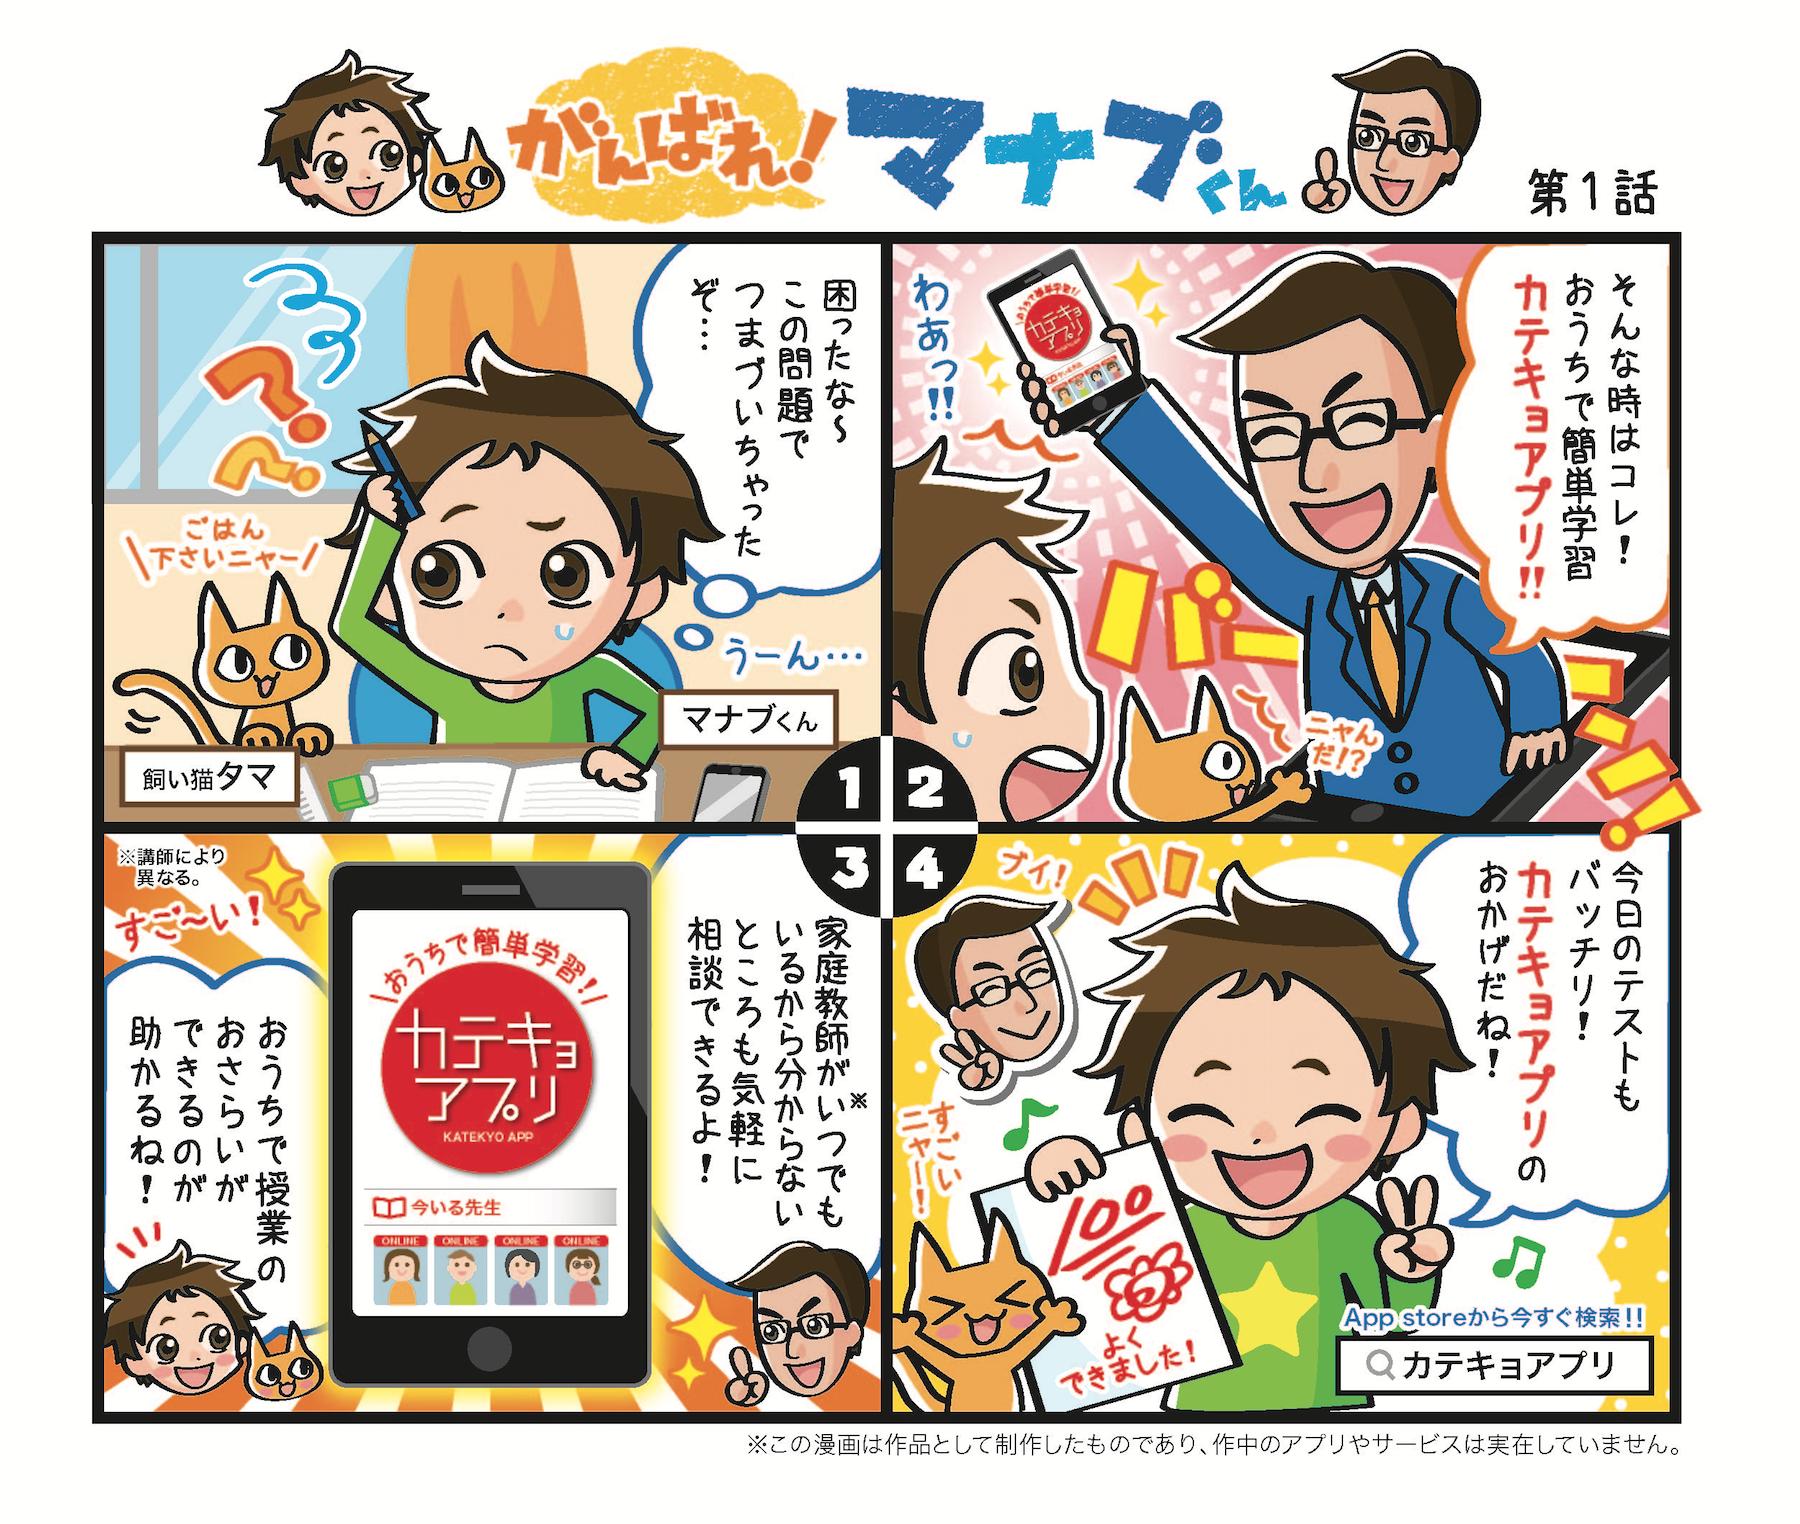 アプリ紹介4コマ